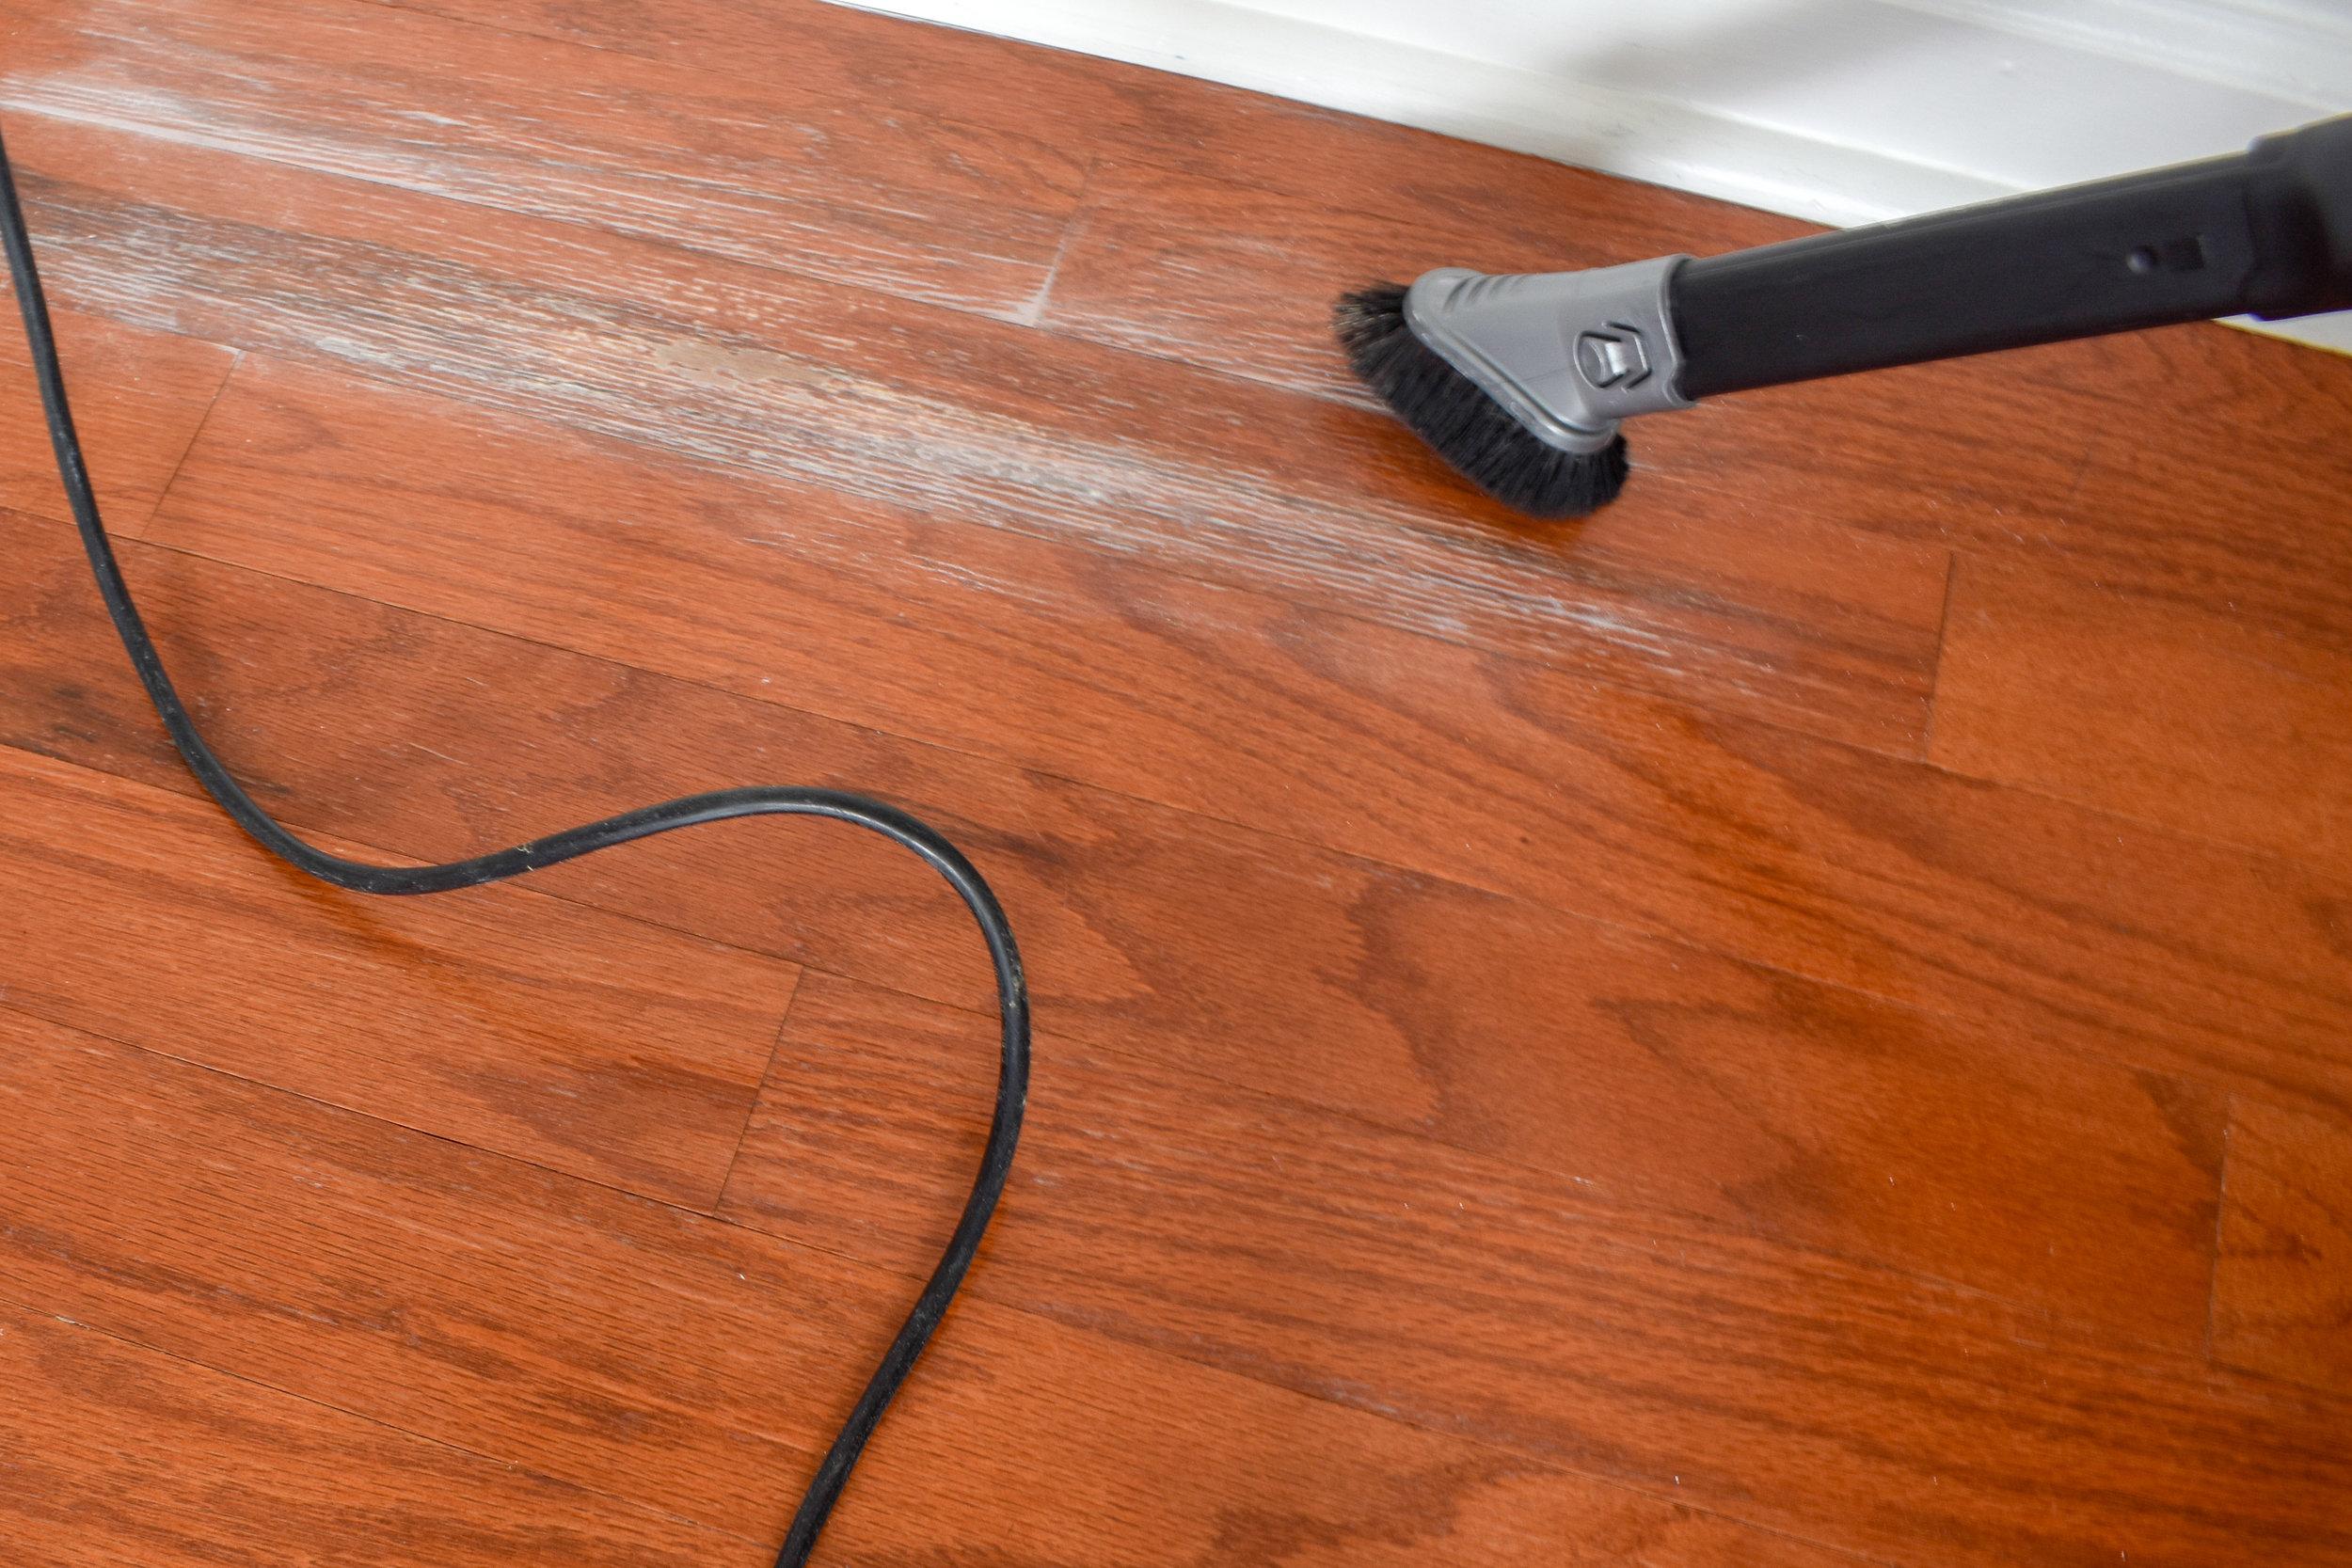 repairing moisture damage on wood floors